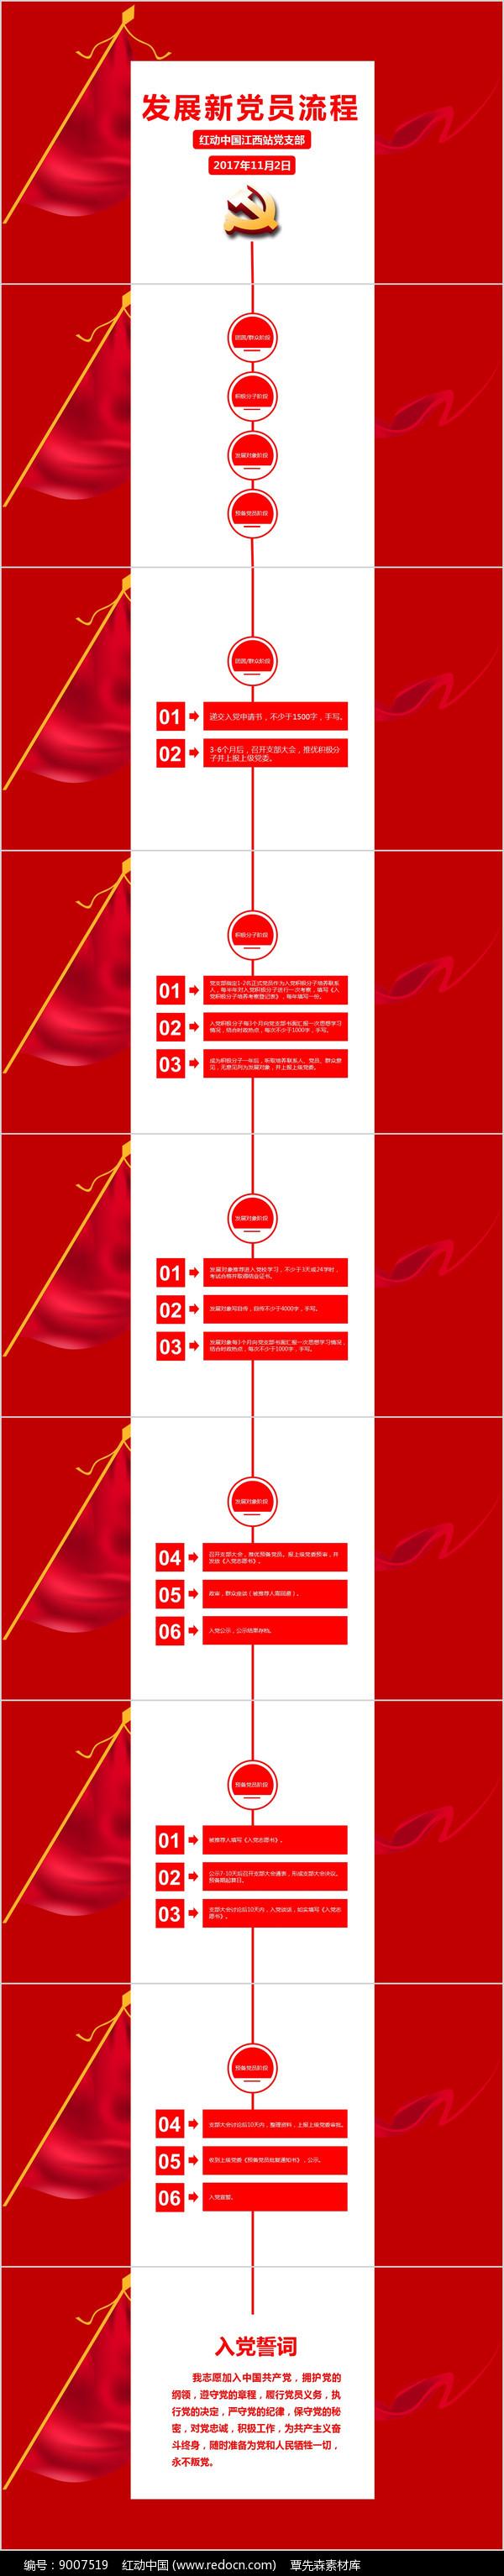 发展新党员流程PPT图片